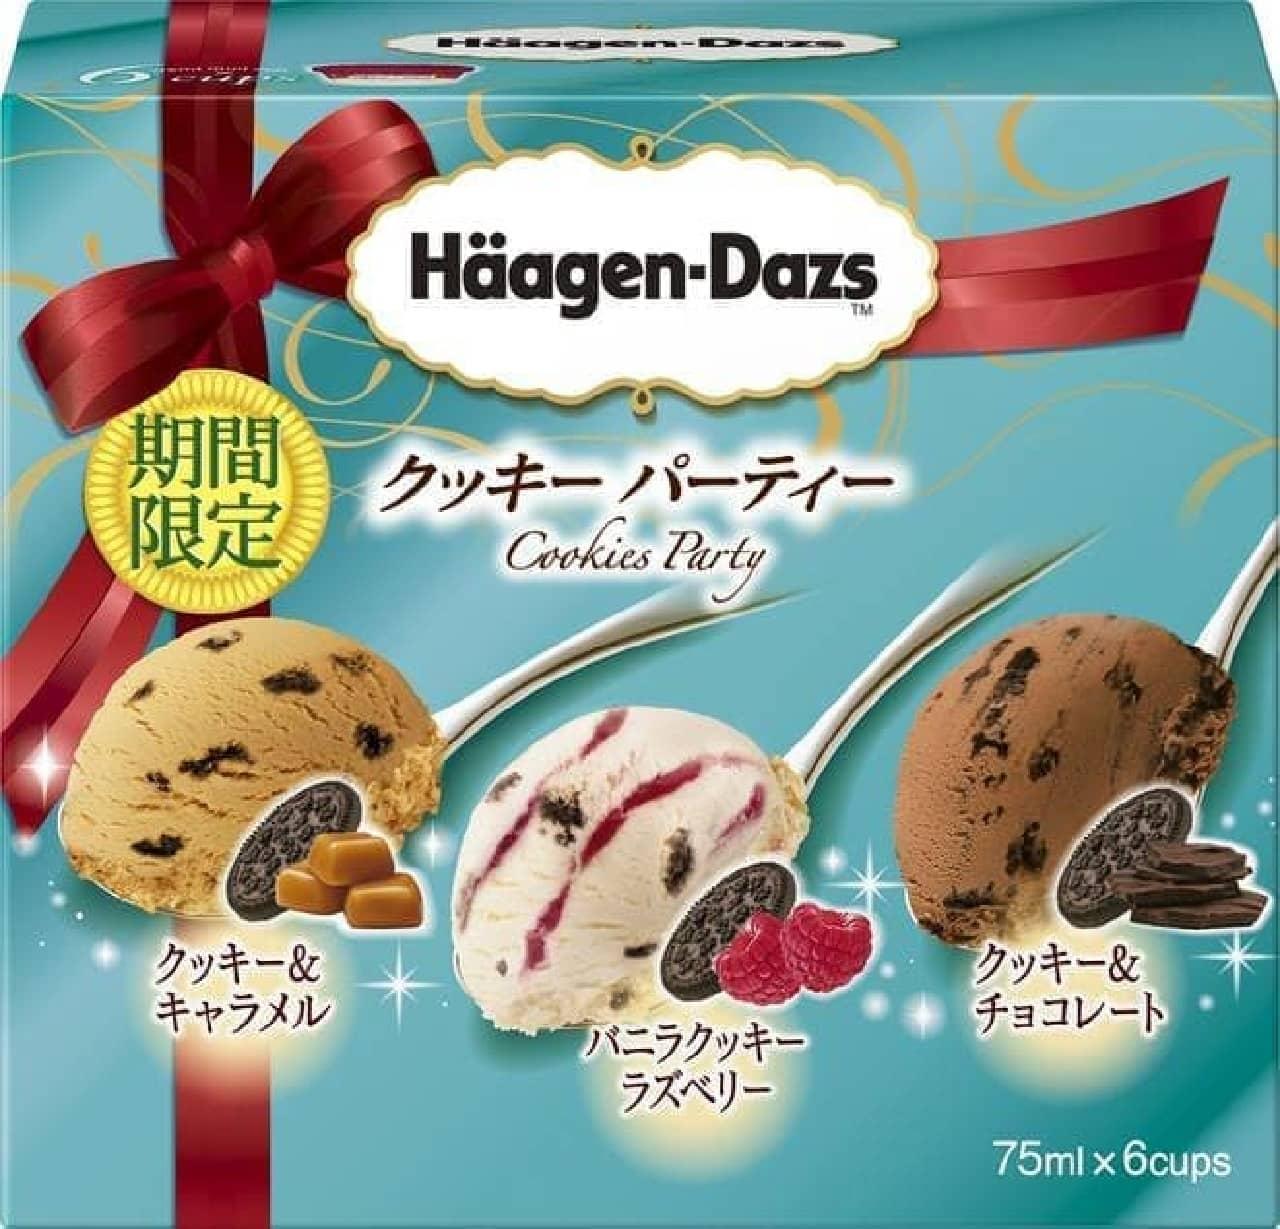 ハーゲンダッツクッキーパーティー